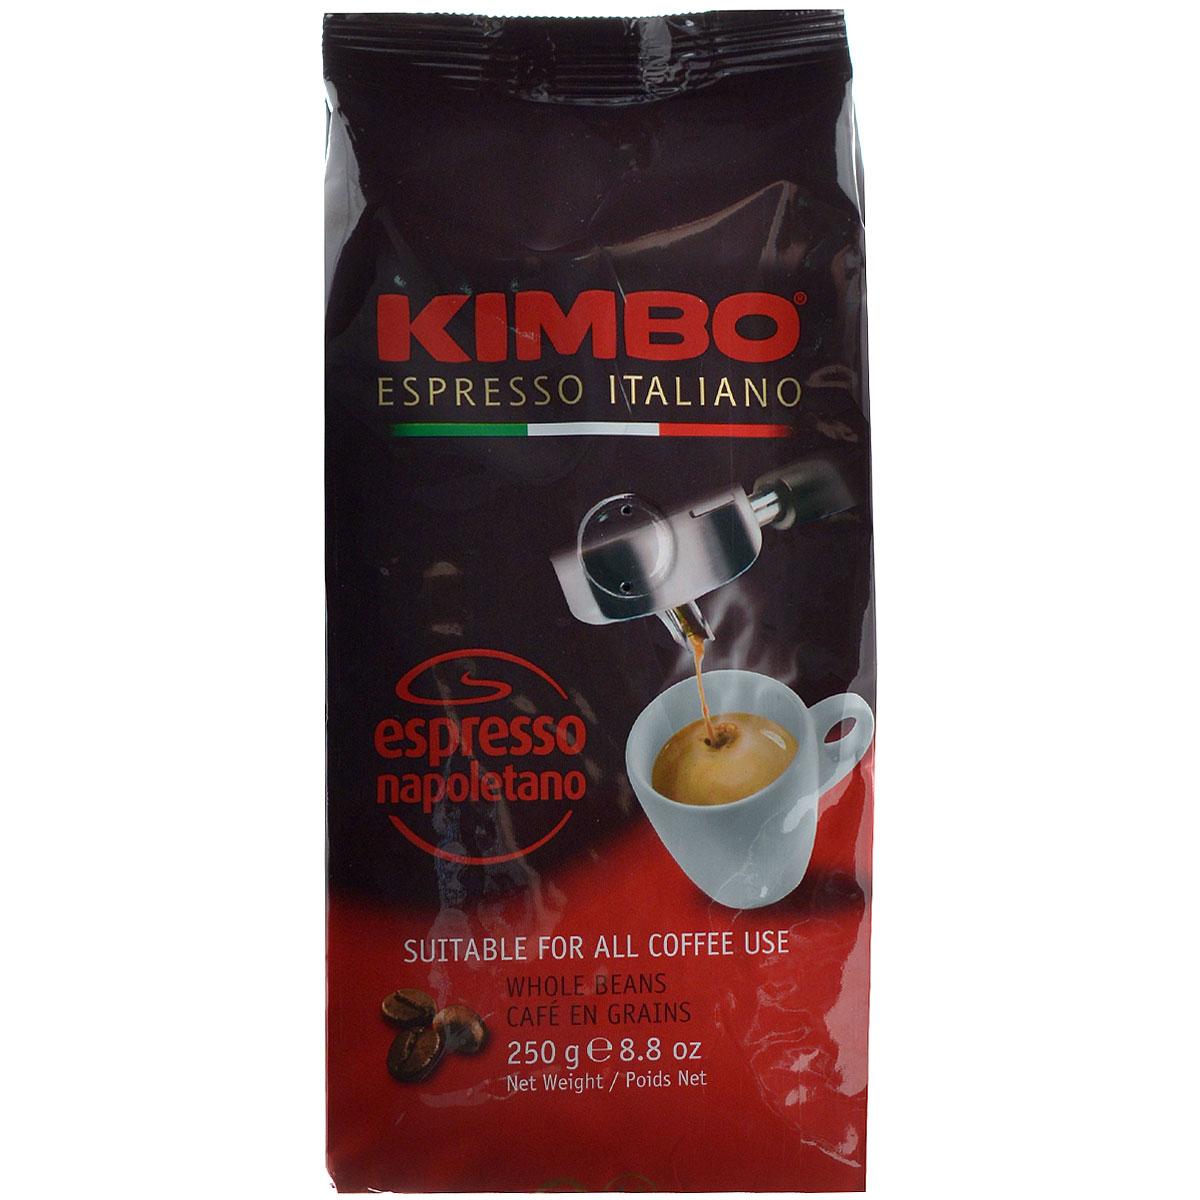 Kimbo Espresso Napoletano кофе в зернах, 250 г8002200602123Натуральный жареный кофе в зернах Kimbo Espresso Napoletano с интенсивным вкусом и богатым ароматом. Традиционная неаполитанская обжарка характеризуется густой пенкой. Идеально подходит для любителей крепкого эспрессо. Смесь содержит 90% арабики и 10% робусты.